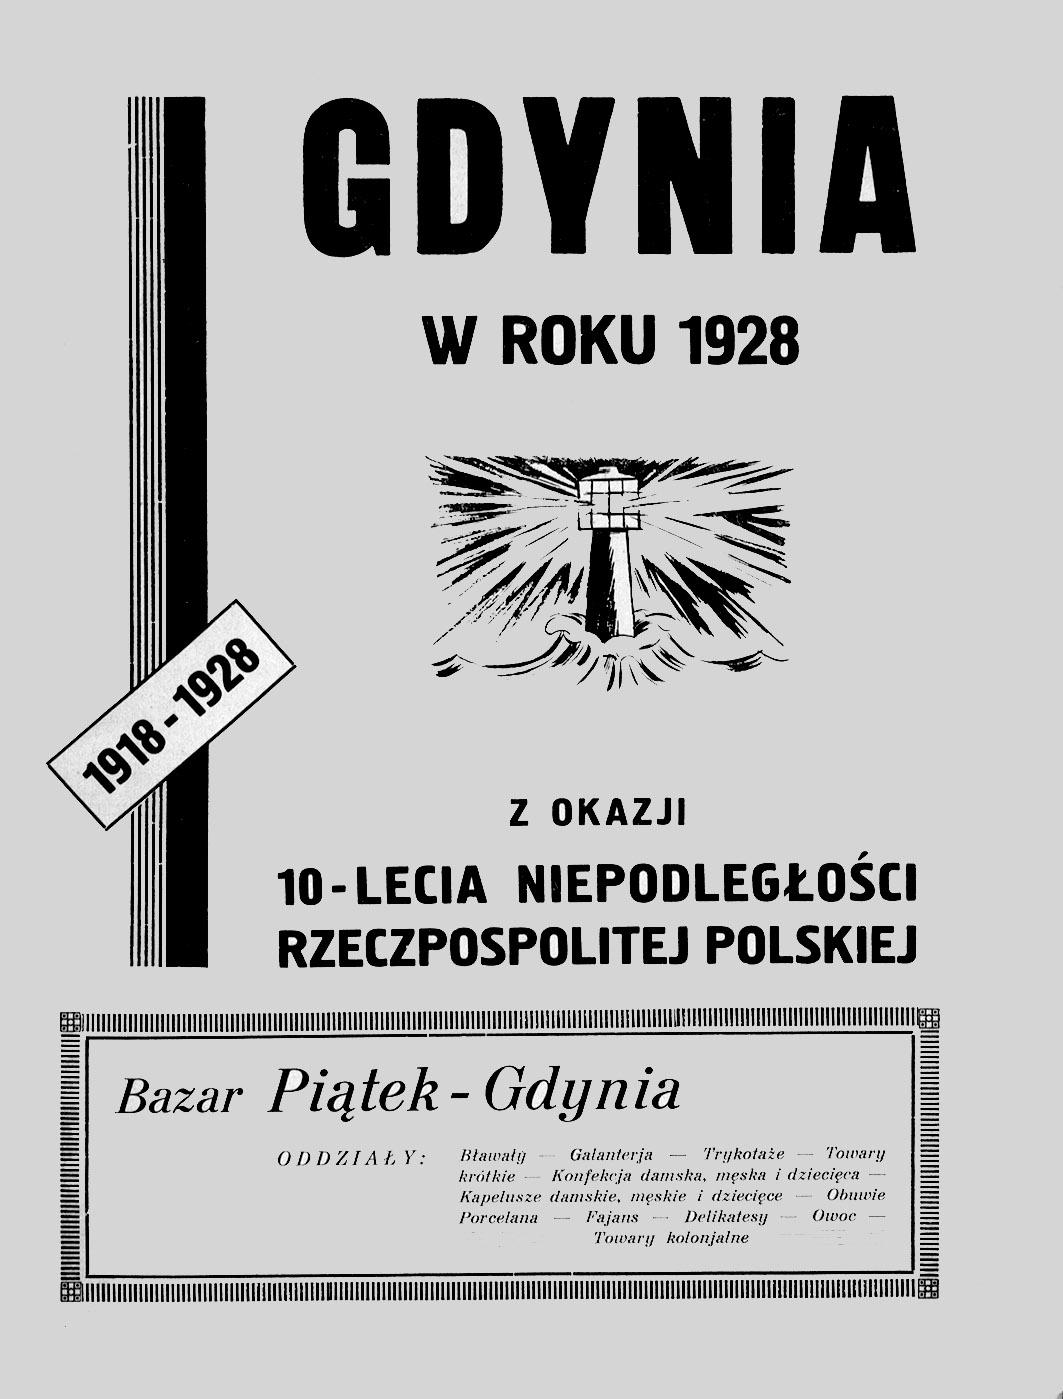 GDYNIA W ROKU 1928 Z OKAZJI 10-LECIA RZECZPOSPOLITEJ